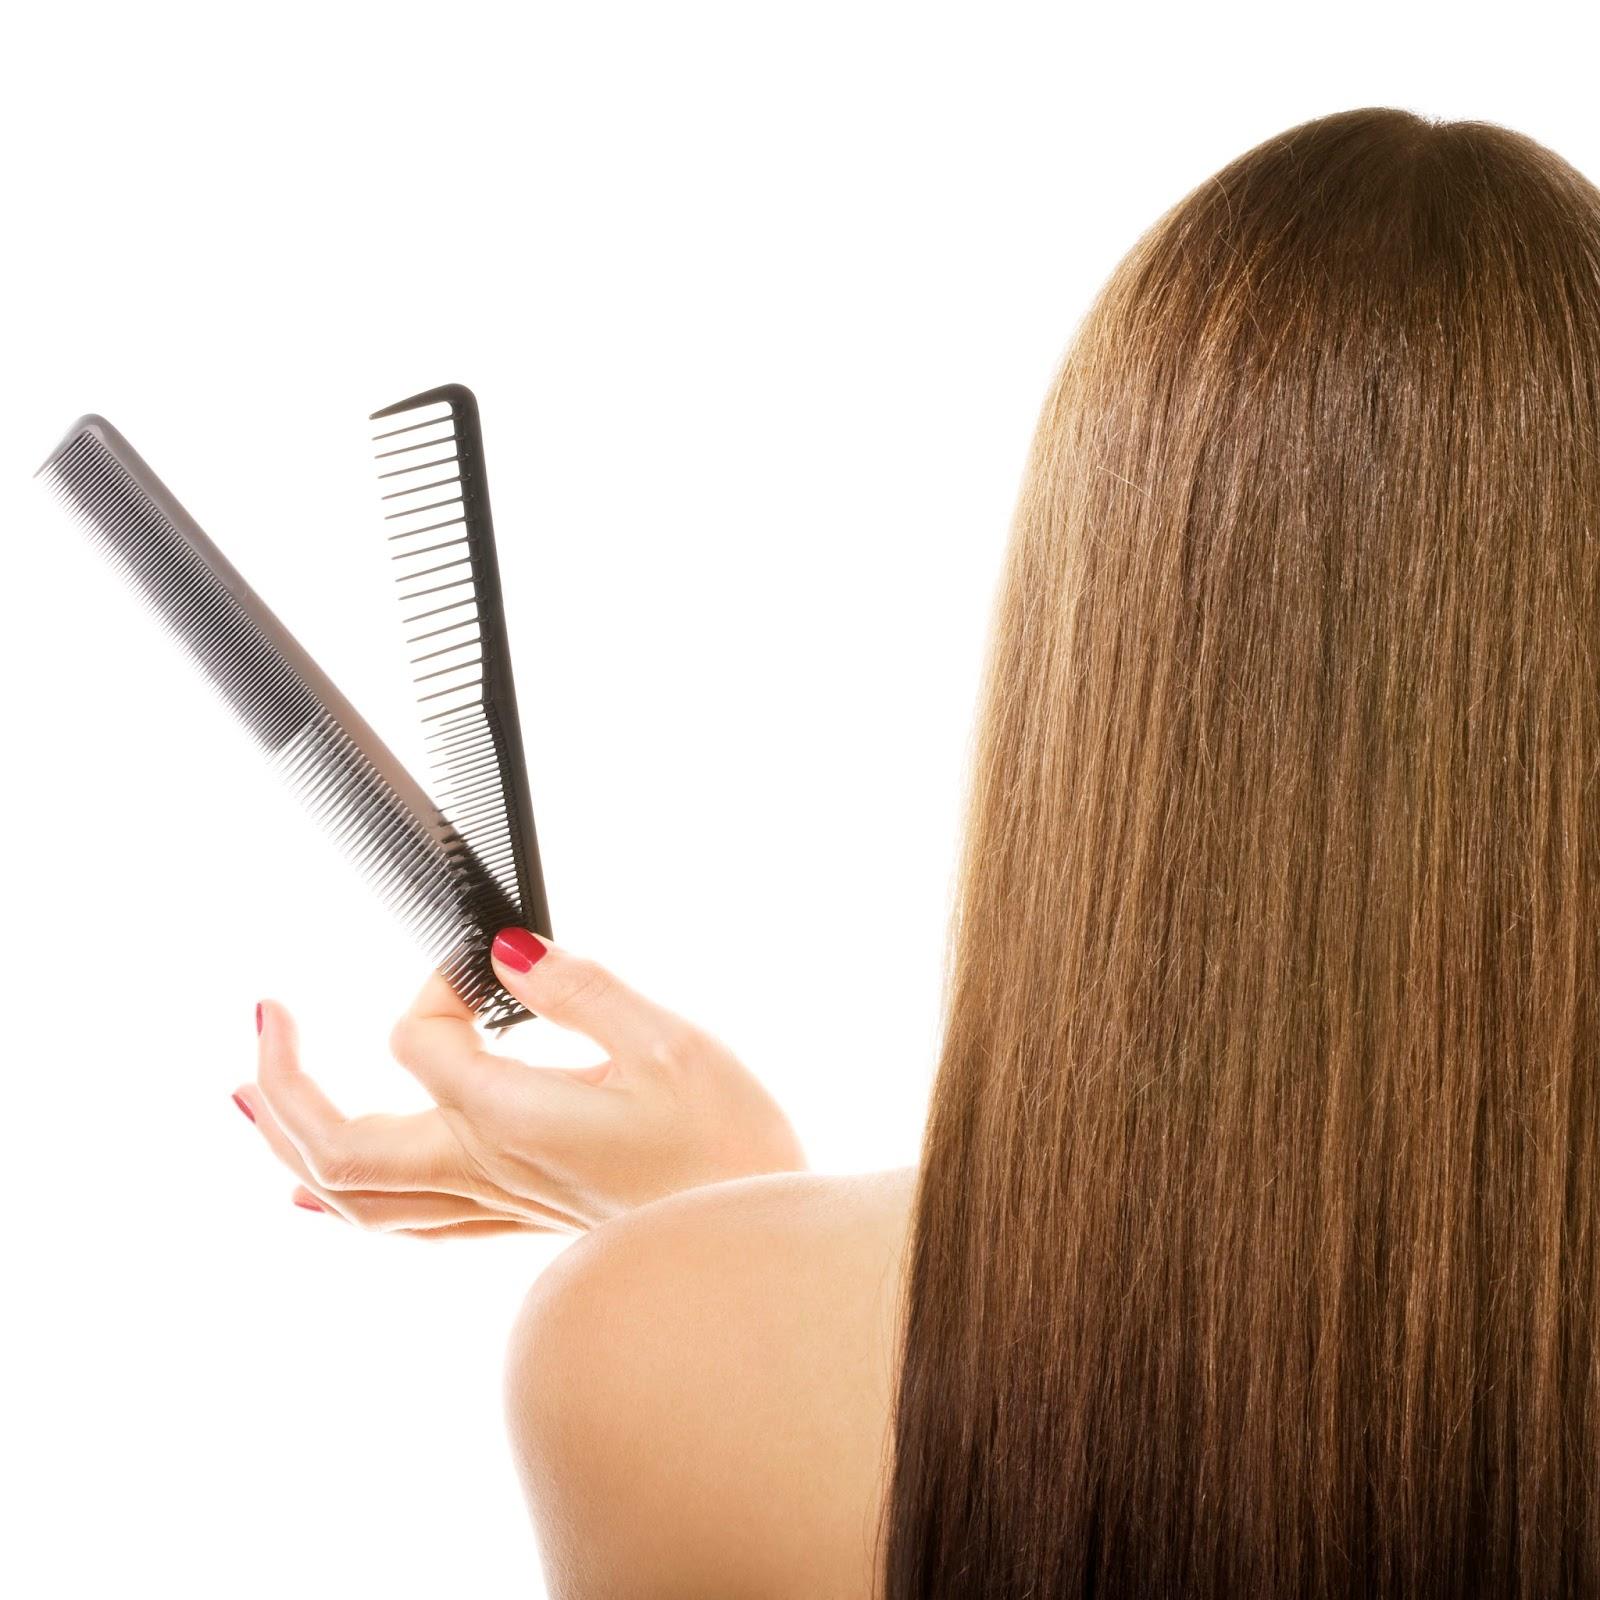 Saçlarınızın kurumaması için öneriler